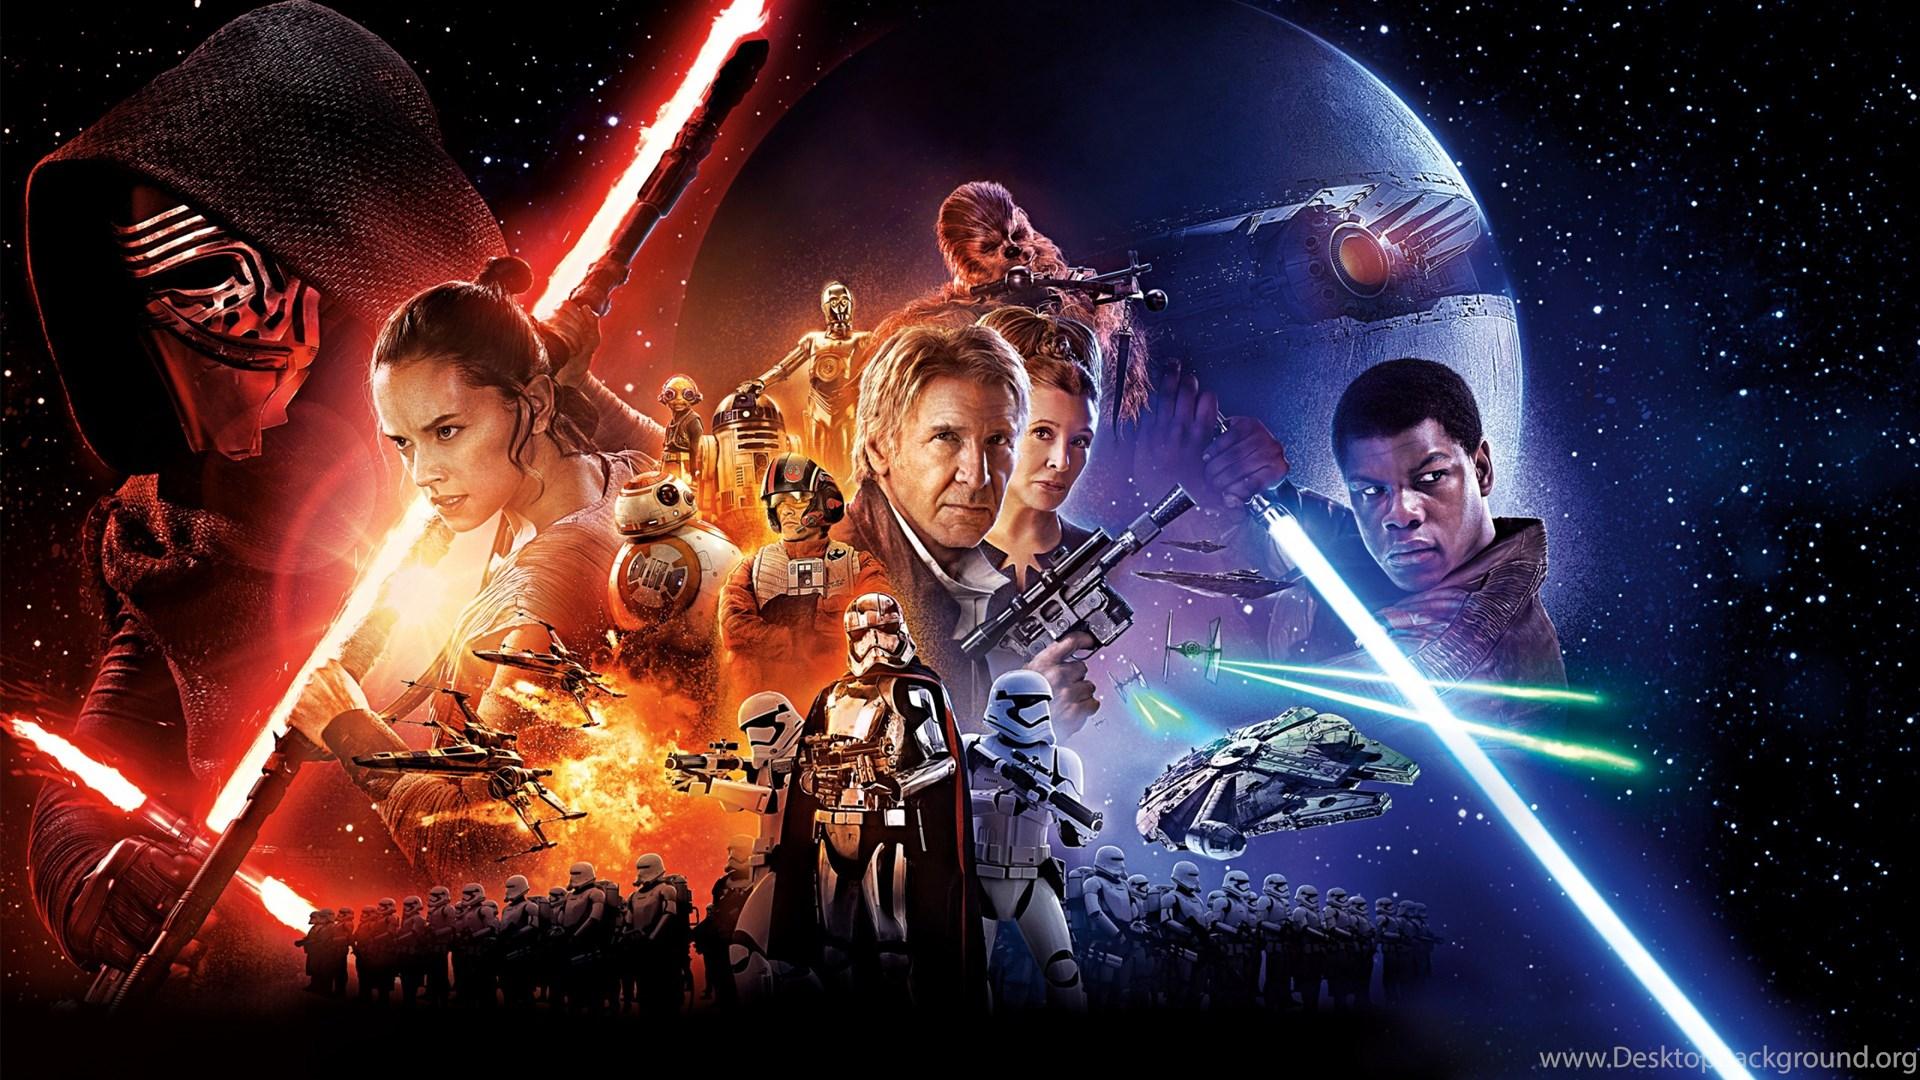 750505 4k ultra hd star wars wallpapers hd desktop backgrounds